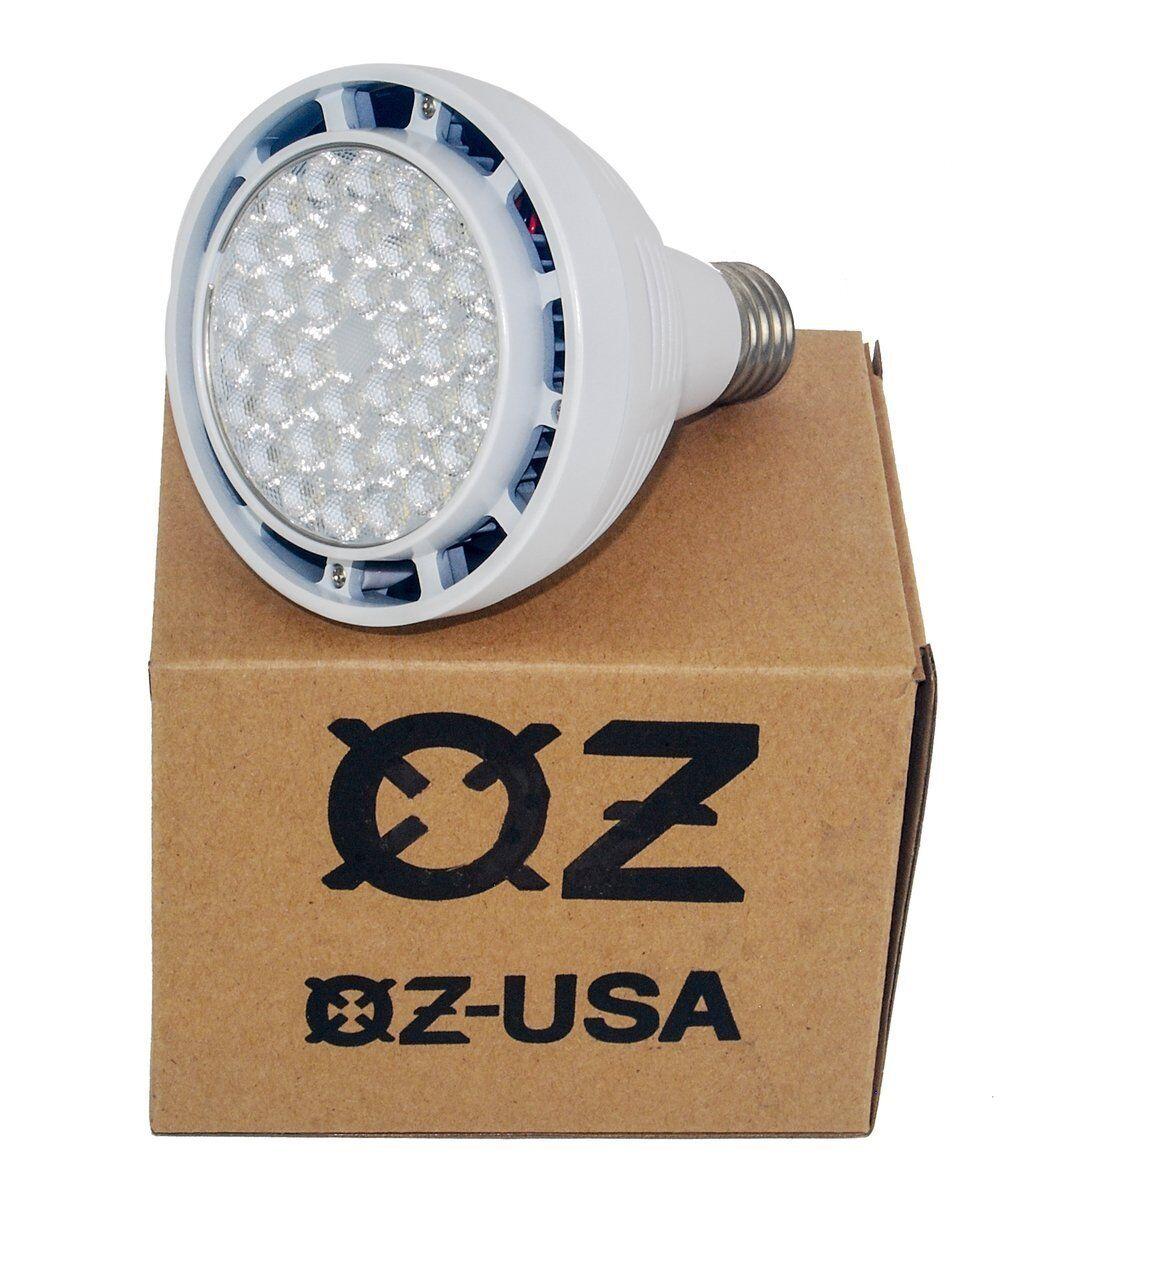 Osram PAR30 Bombilla LED de alta salida 500w 300w Baja Bay Piscina Spa 110v Tienda